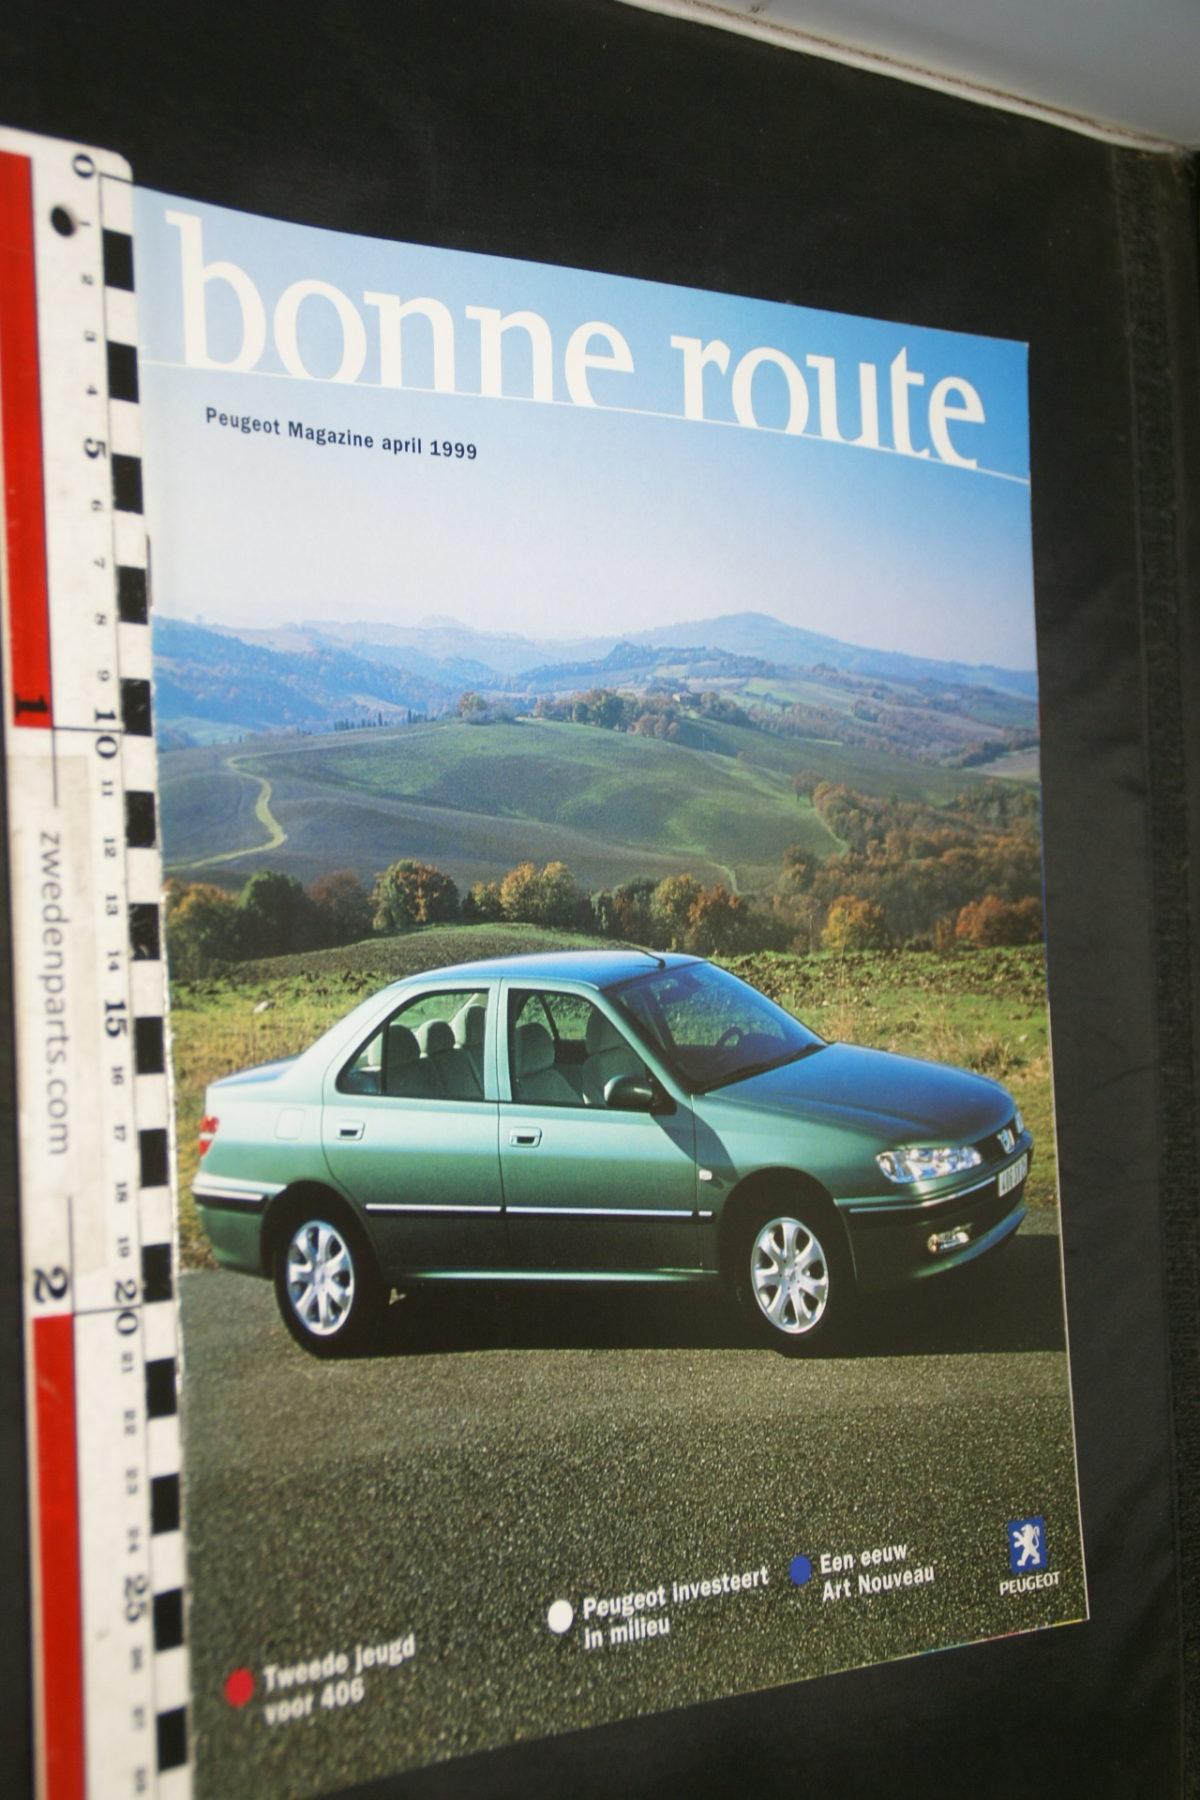 DSC08422 tijdschrift Peugeot Bonne Route 1999 april